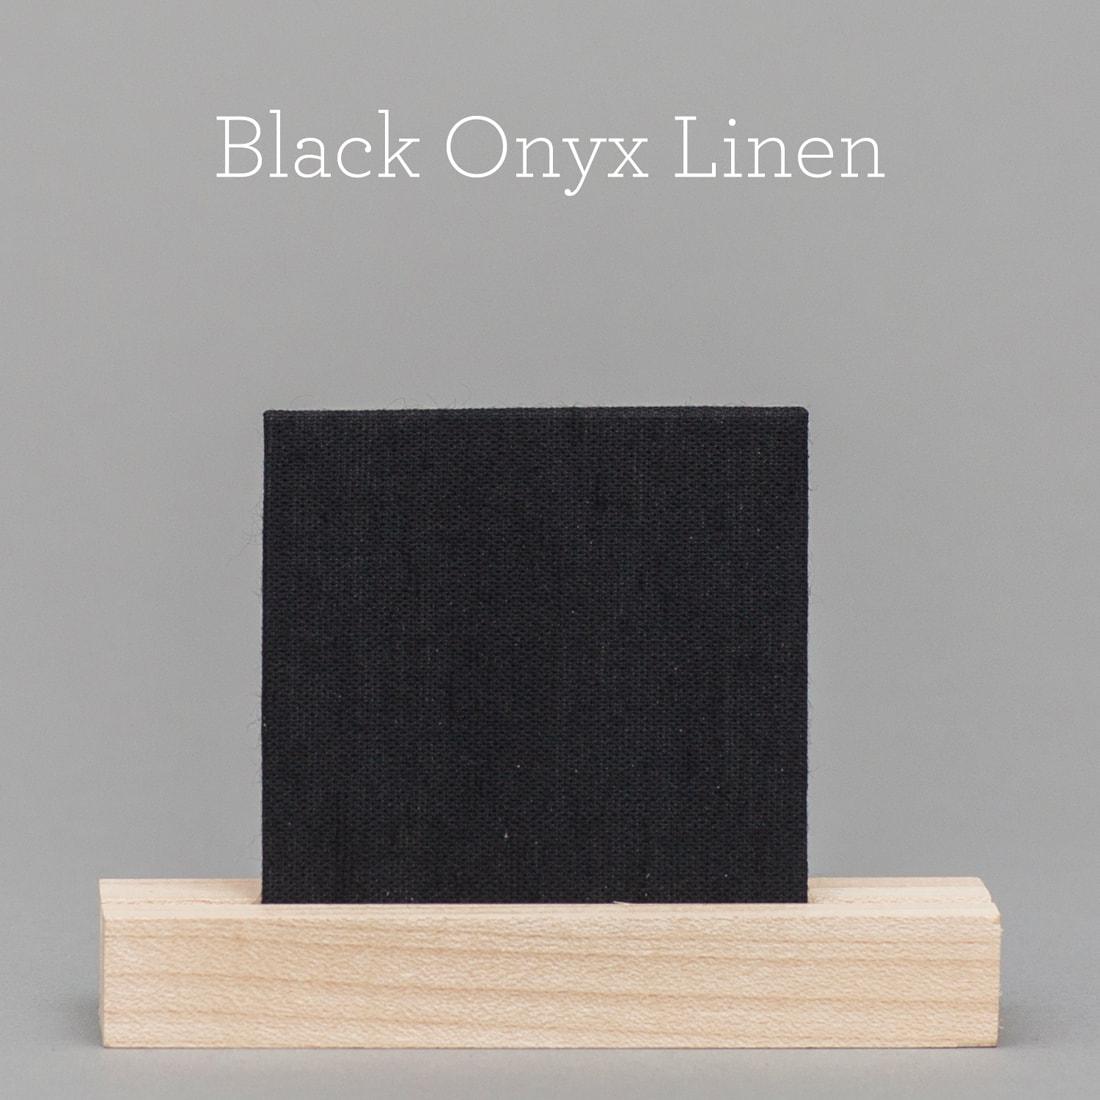 BlackOnyxLinen